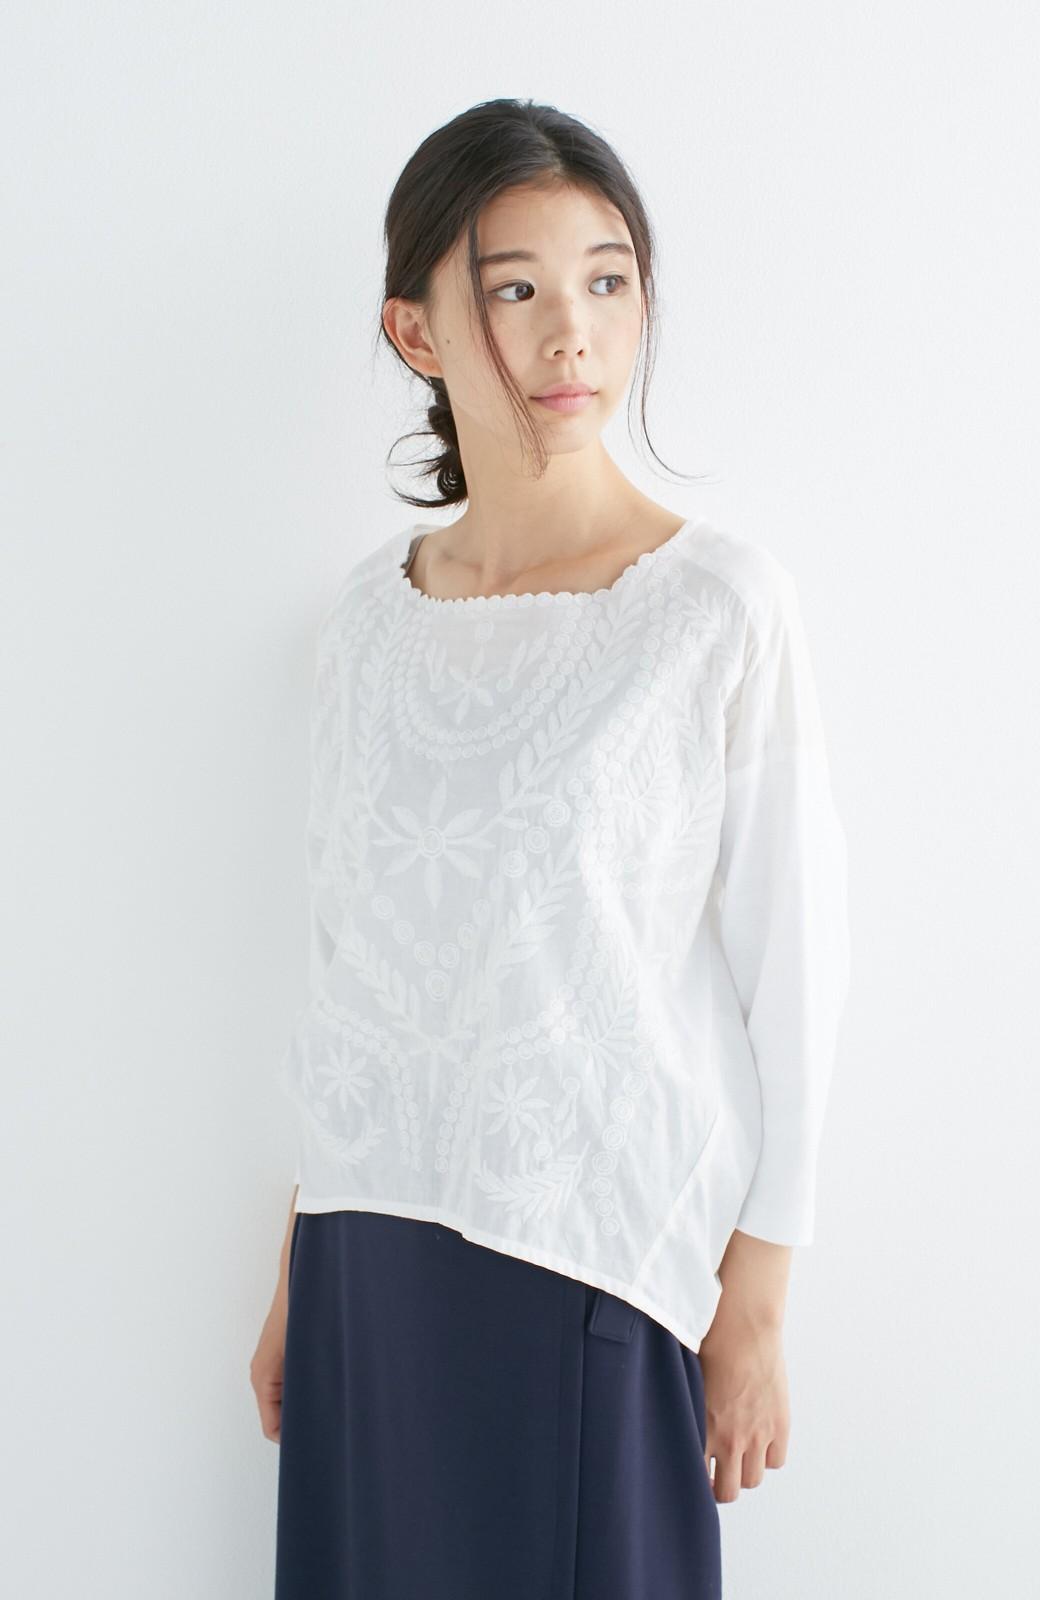 エムトロワ こう見えて動きやすい、袖だけカットソーの華やか刺しゅうブラウス <ホワイト>の商品写真16